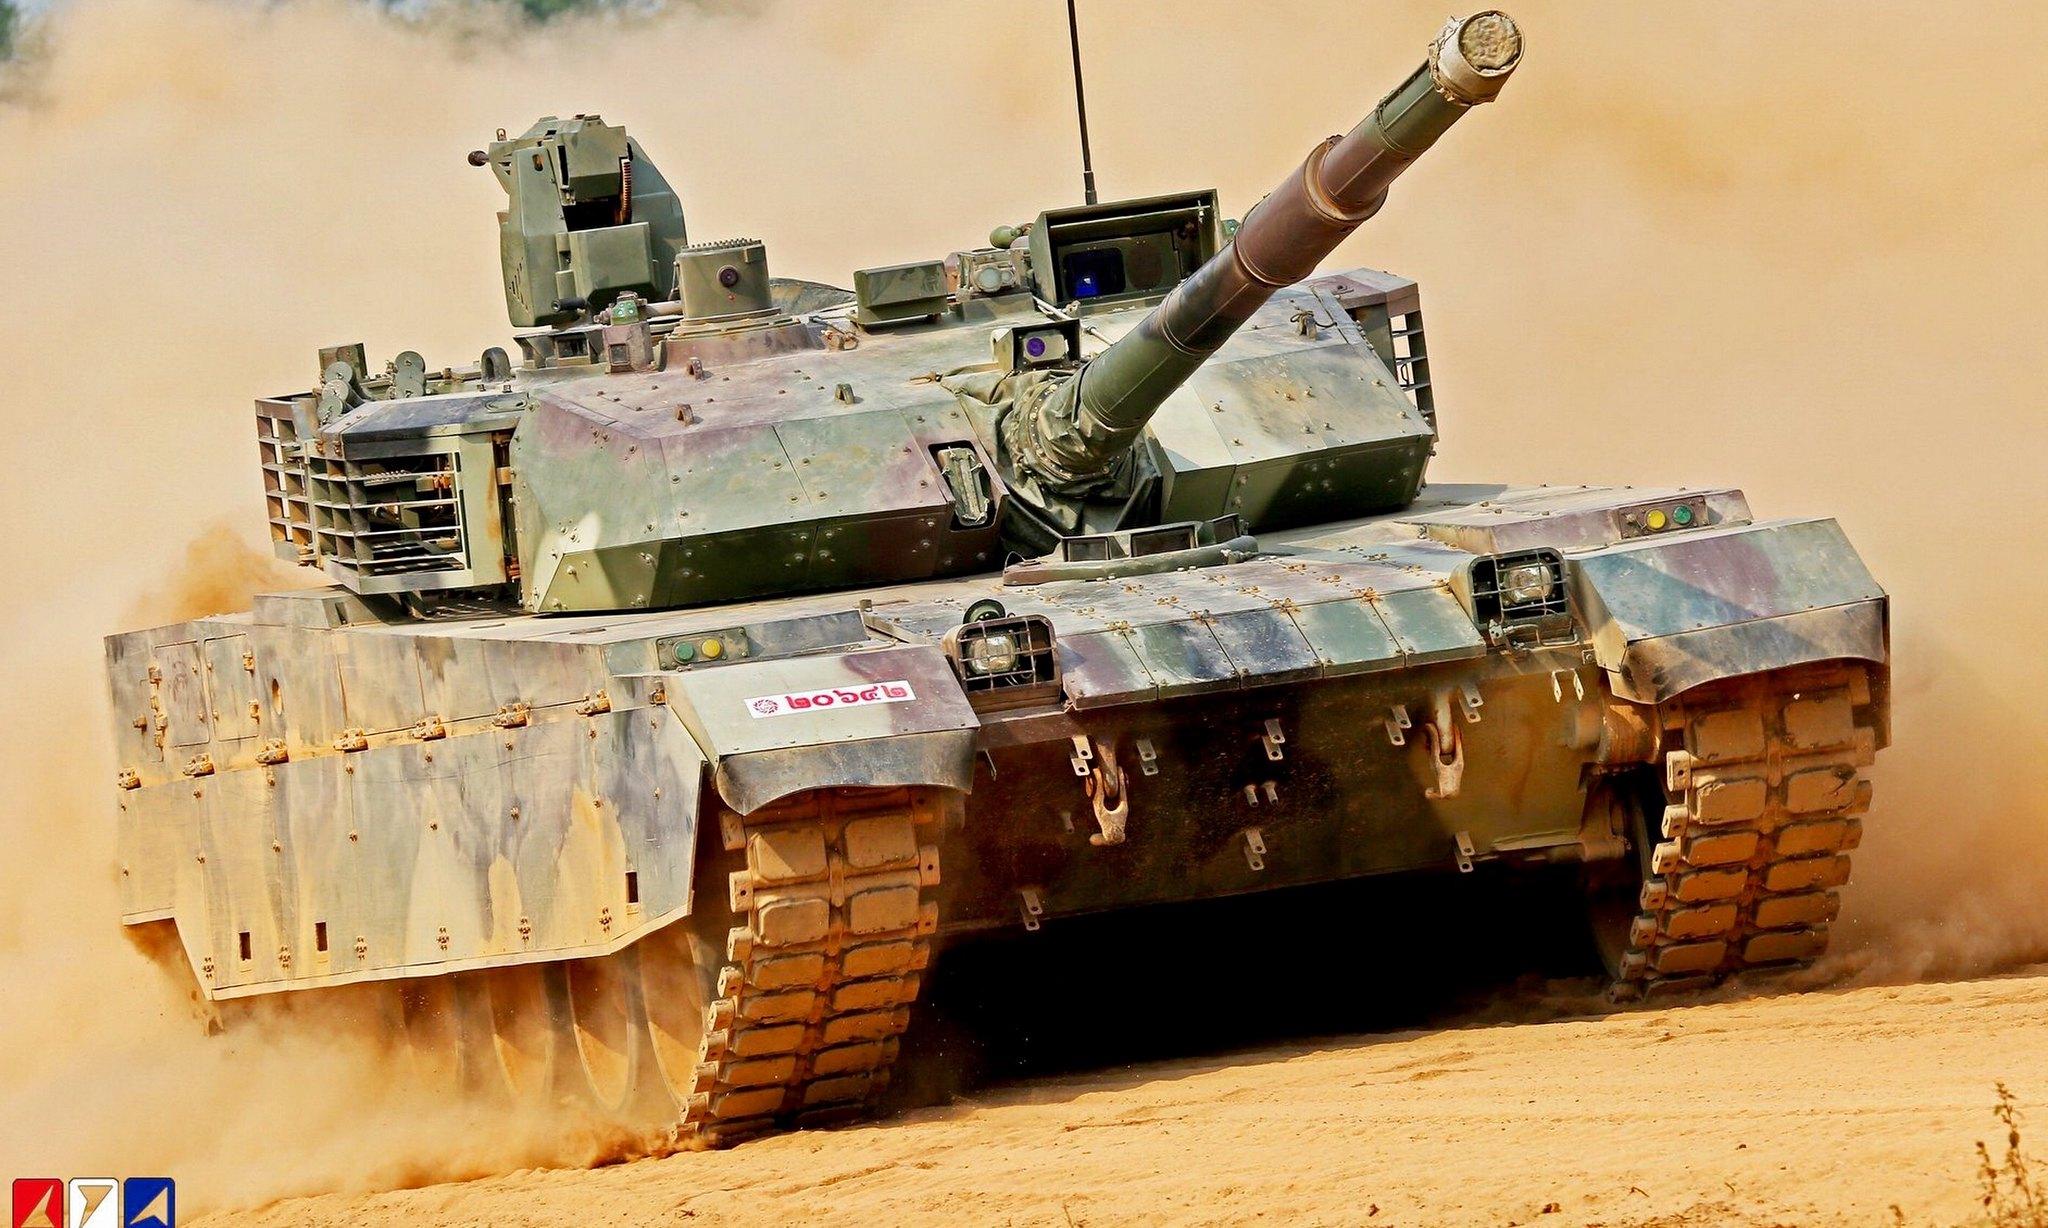 Armée Thailandaise/Royal Thai Armed Forces - Page 19 49442840286_2fb1f85ec7_k